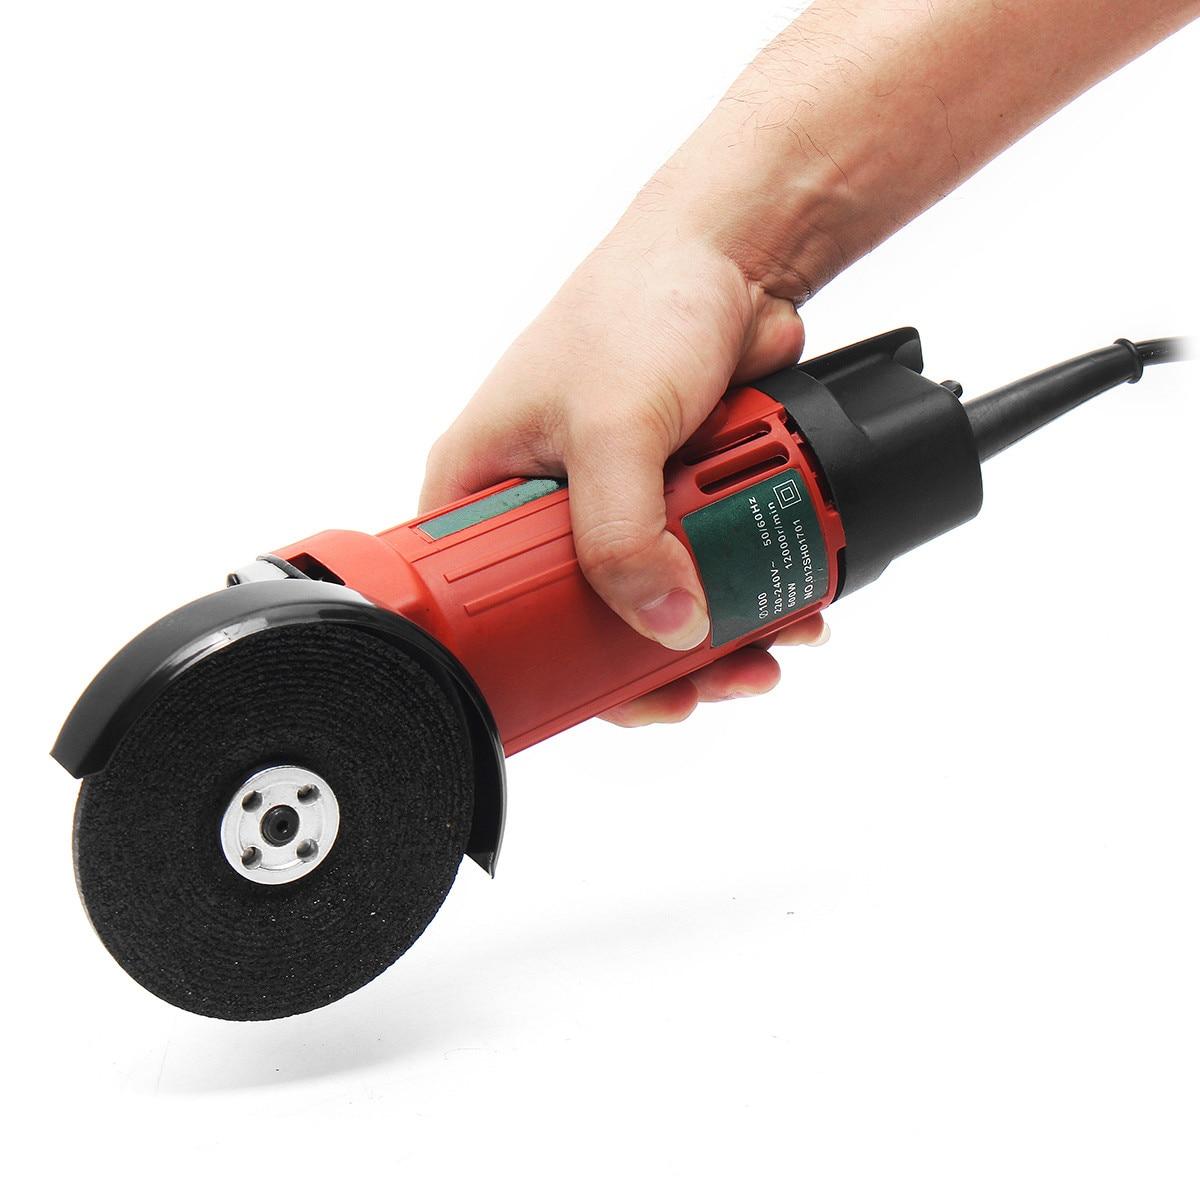 600 W AC220-240V outil de meuleuse d'angle de ménage multifonctionnel meuleuse d'angle électrique Machine de polissage outil de coupe de meulage en métal